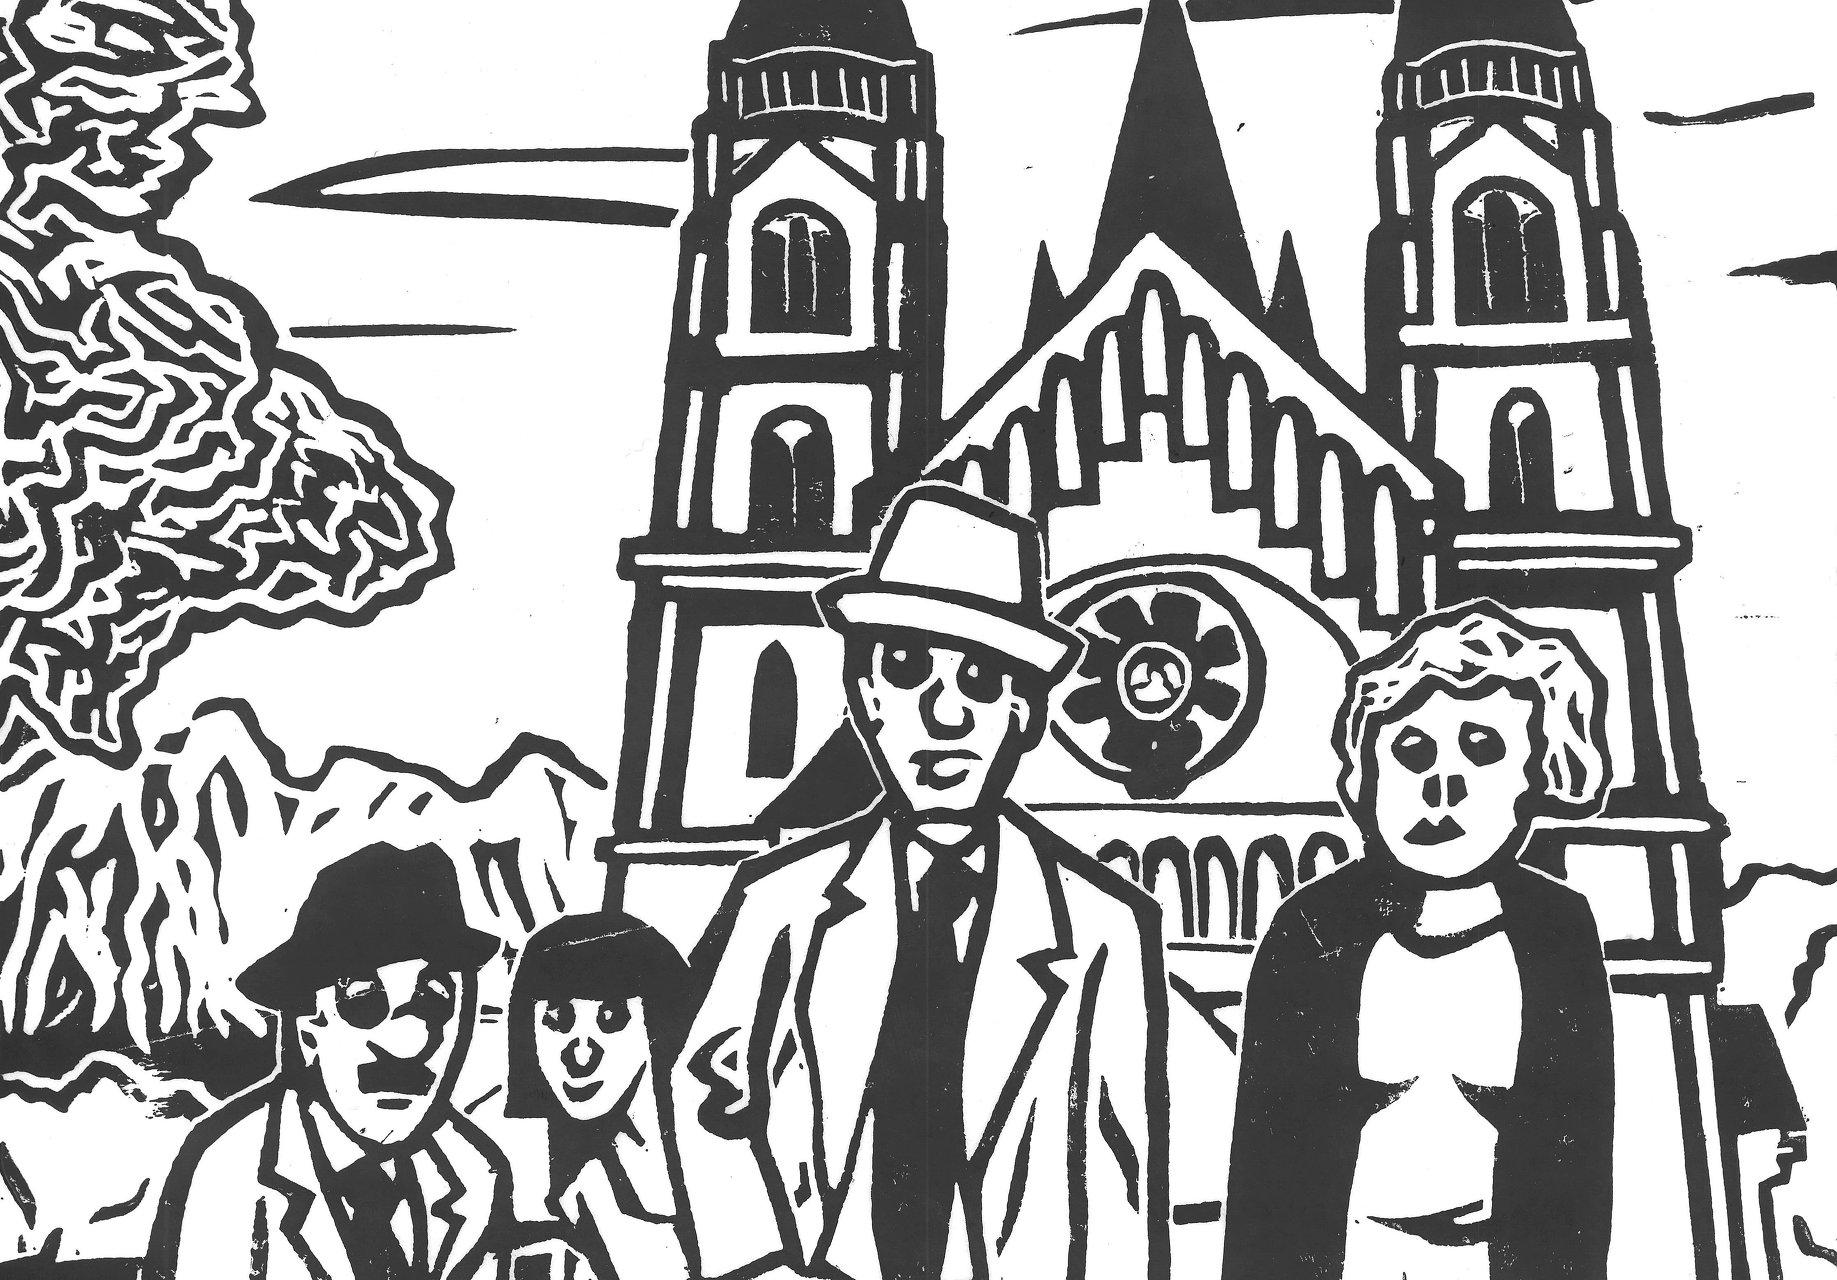 © Thomas Fatzinek Menschen am Mexikoplatz. Detail aus Linolschnitt